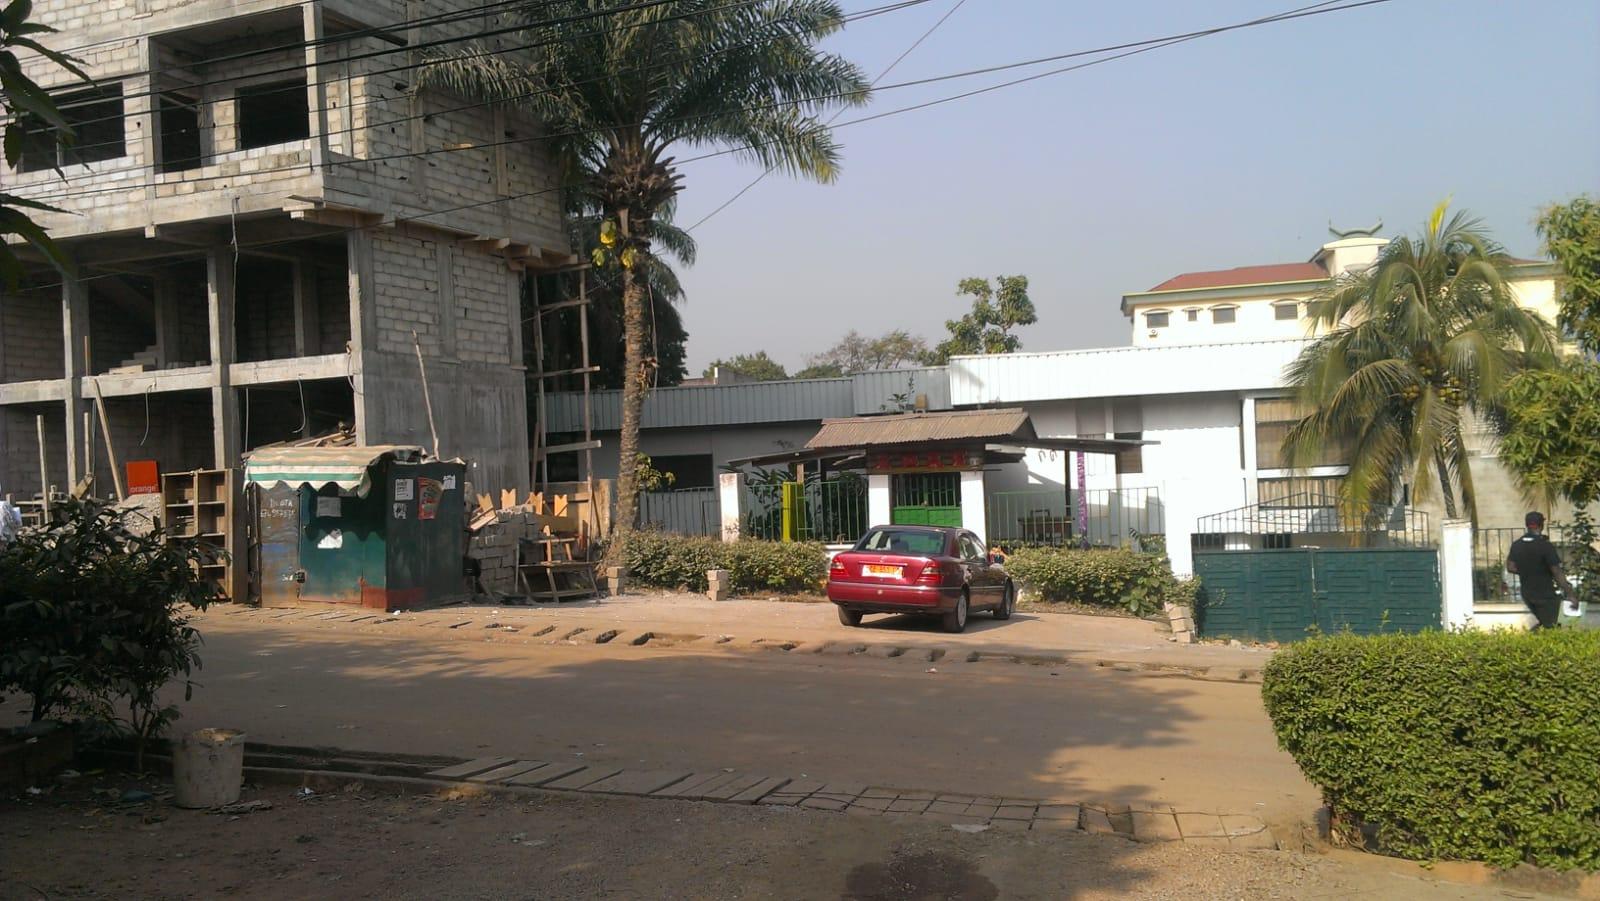 Vista dalla strada del'area dove sorgerà la clinica 3ndy Studio